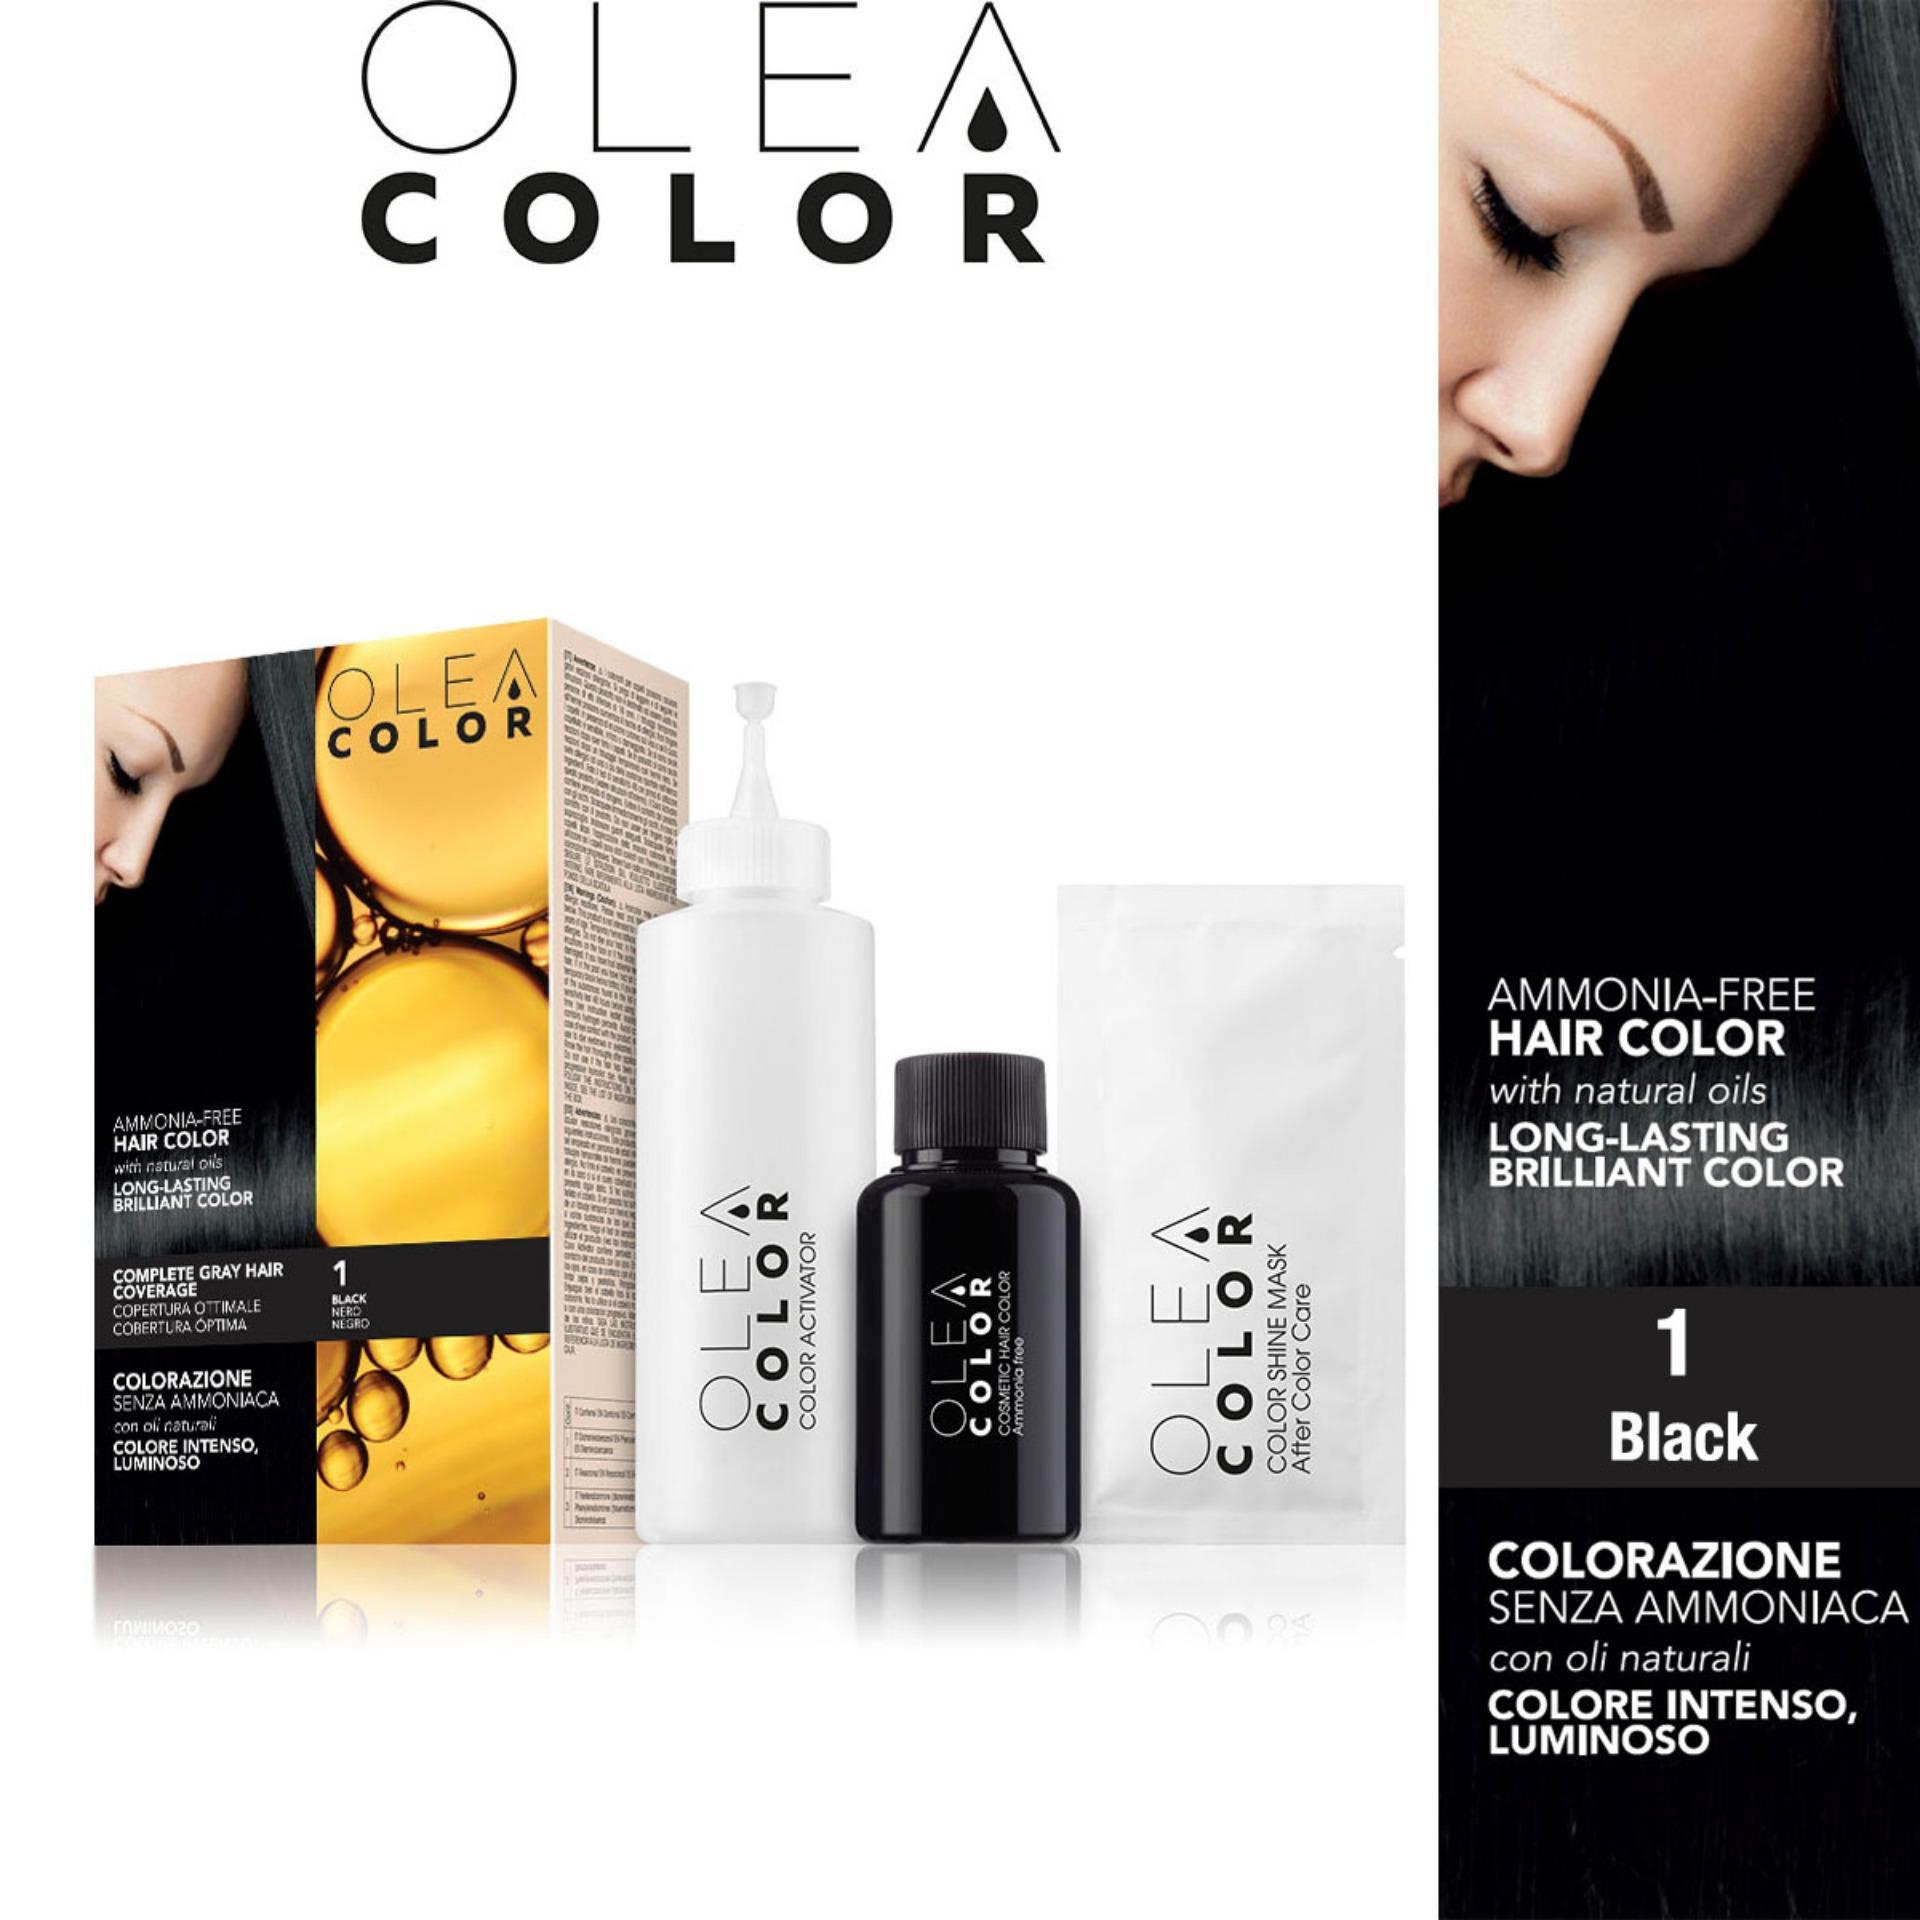 Thuốc nhuộm tóc không Amoniac Olea Color ITALY màu 1 Black – Phủ bạc